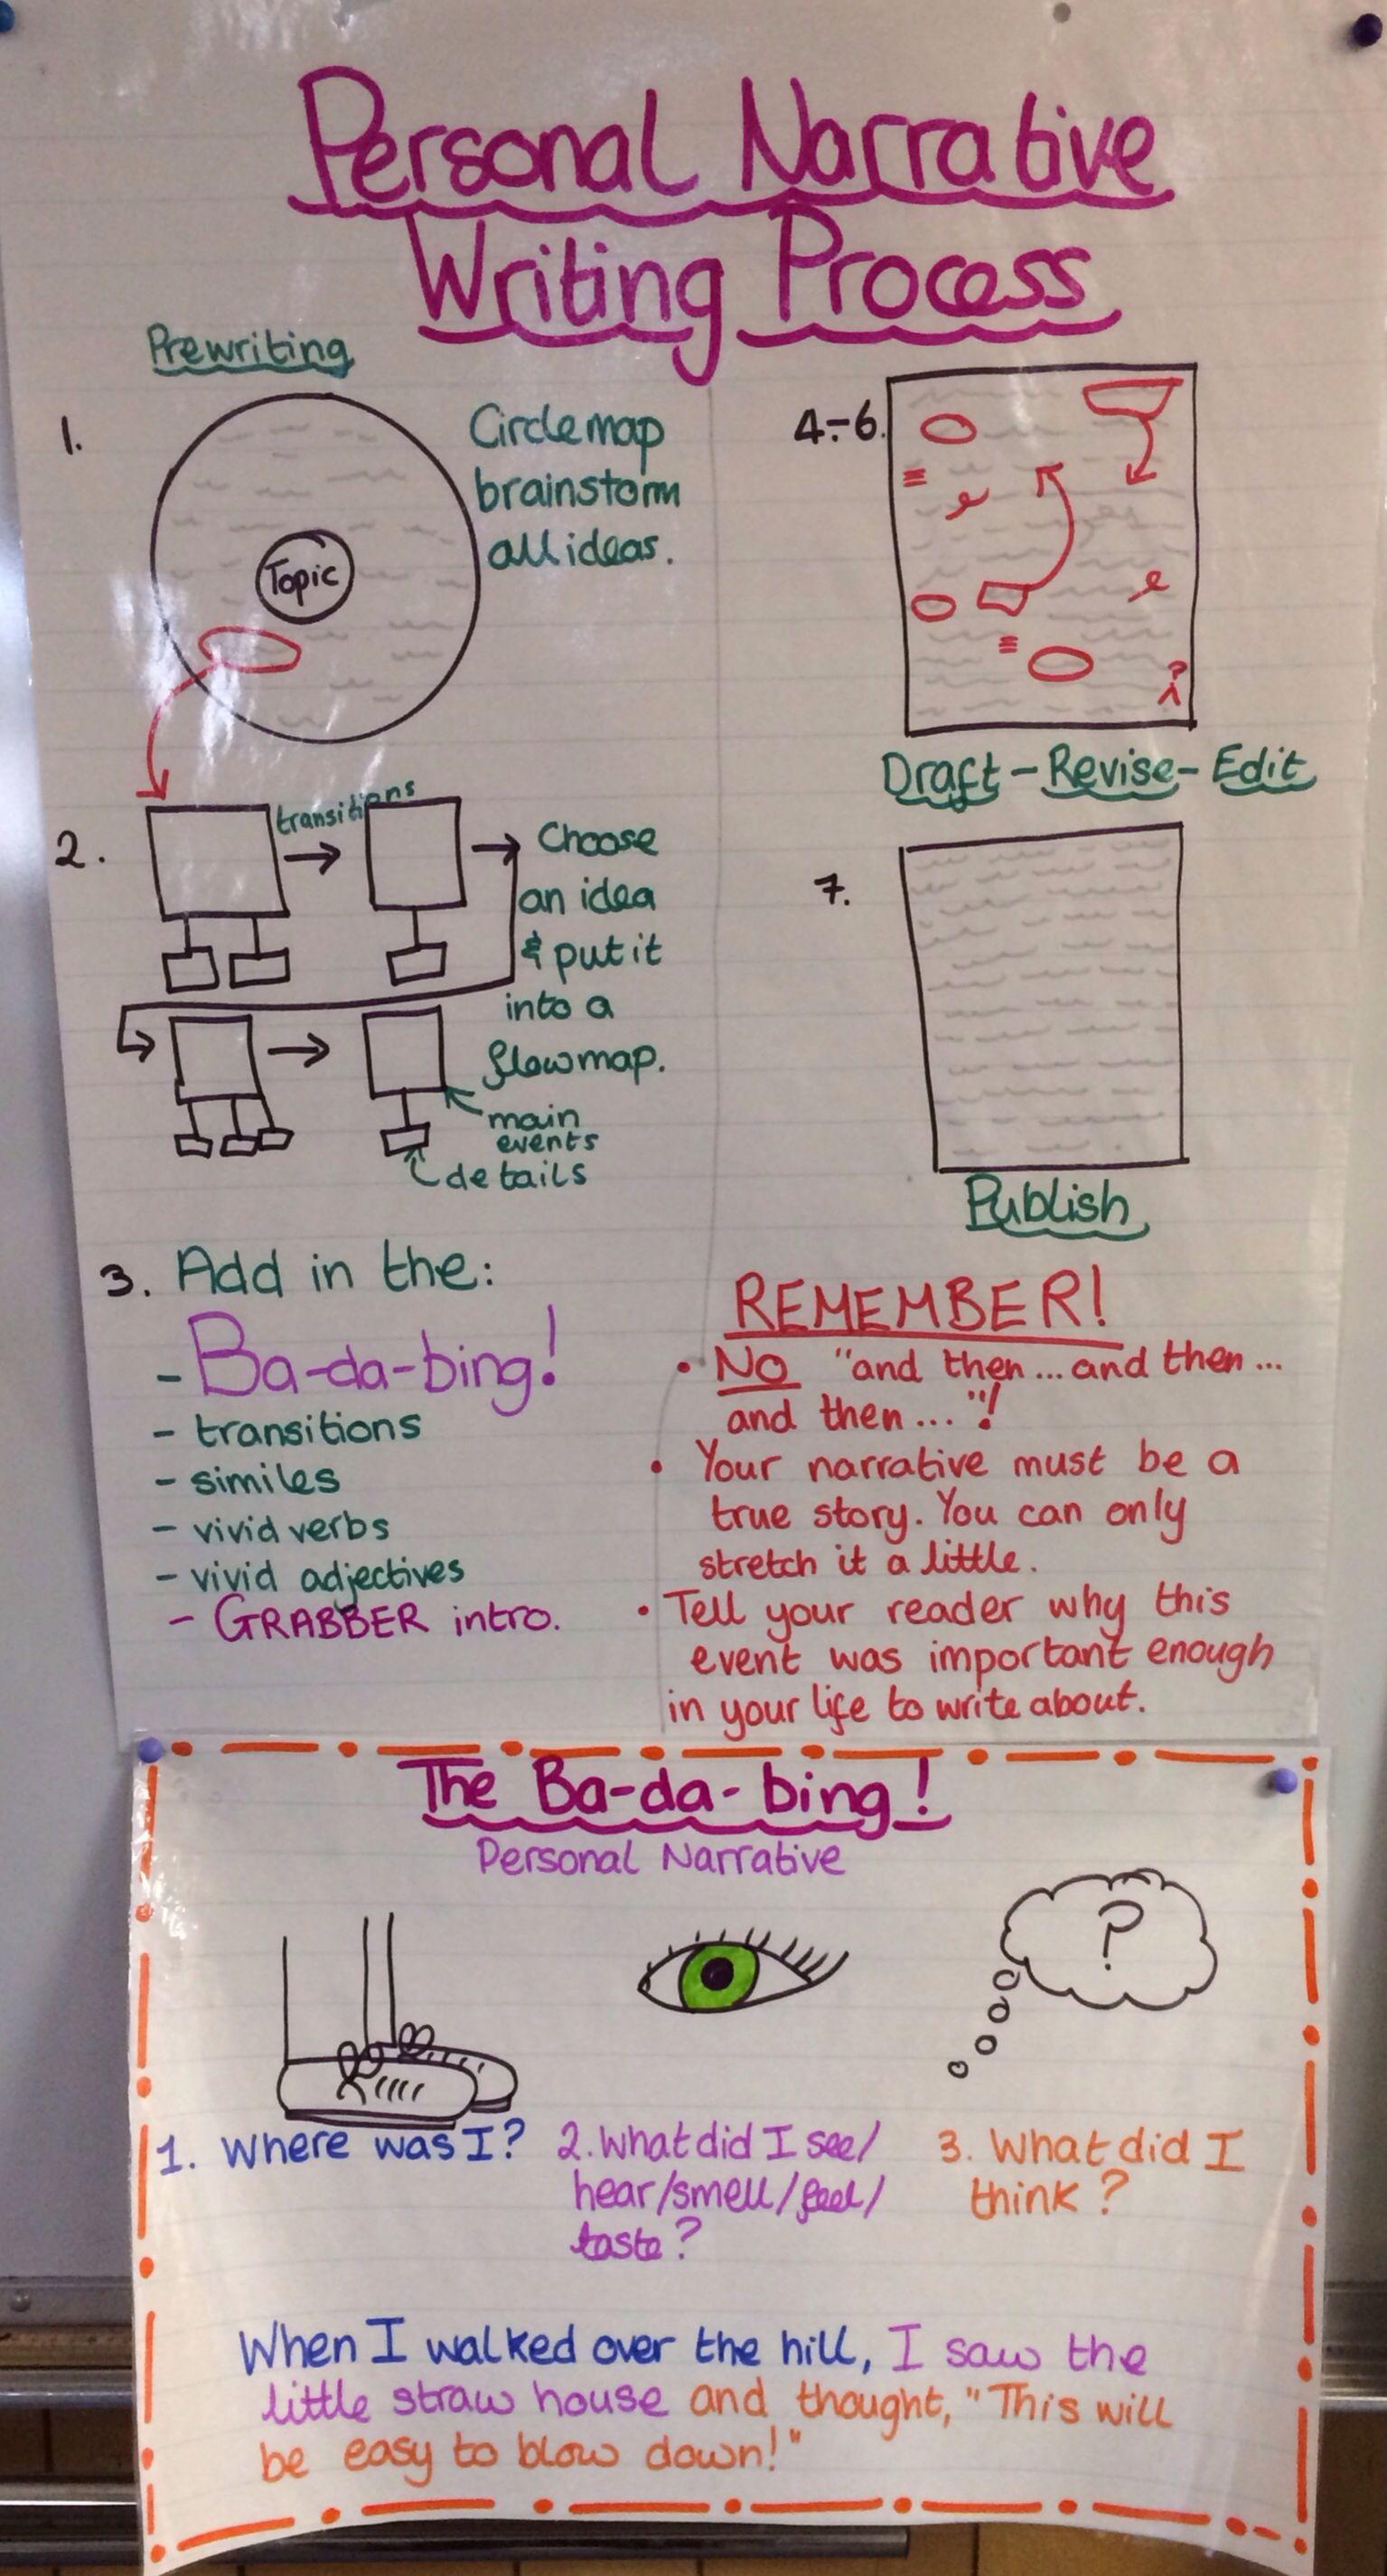 narrative essays 4th grade Rubric for narrative writing—fourth grade grade 2 (1 point) 15 pts grade 3 (2 points) 25 pts grade 4 (3 points) 35 pts grade 5 (4 points) score.